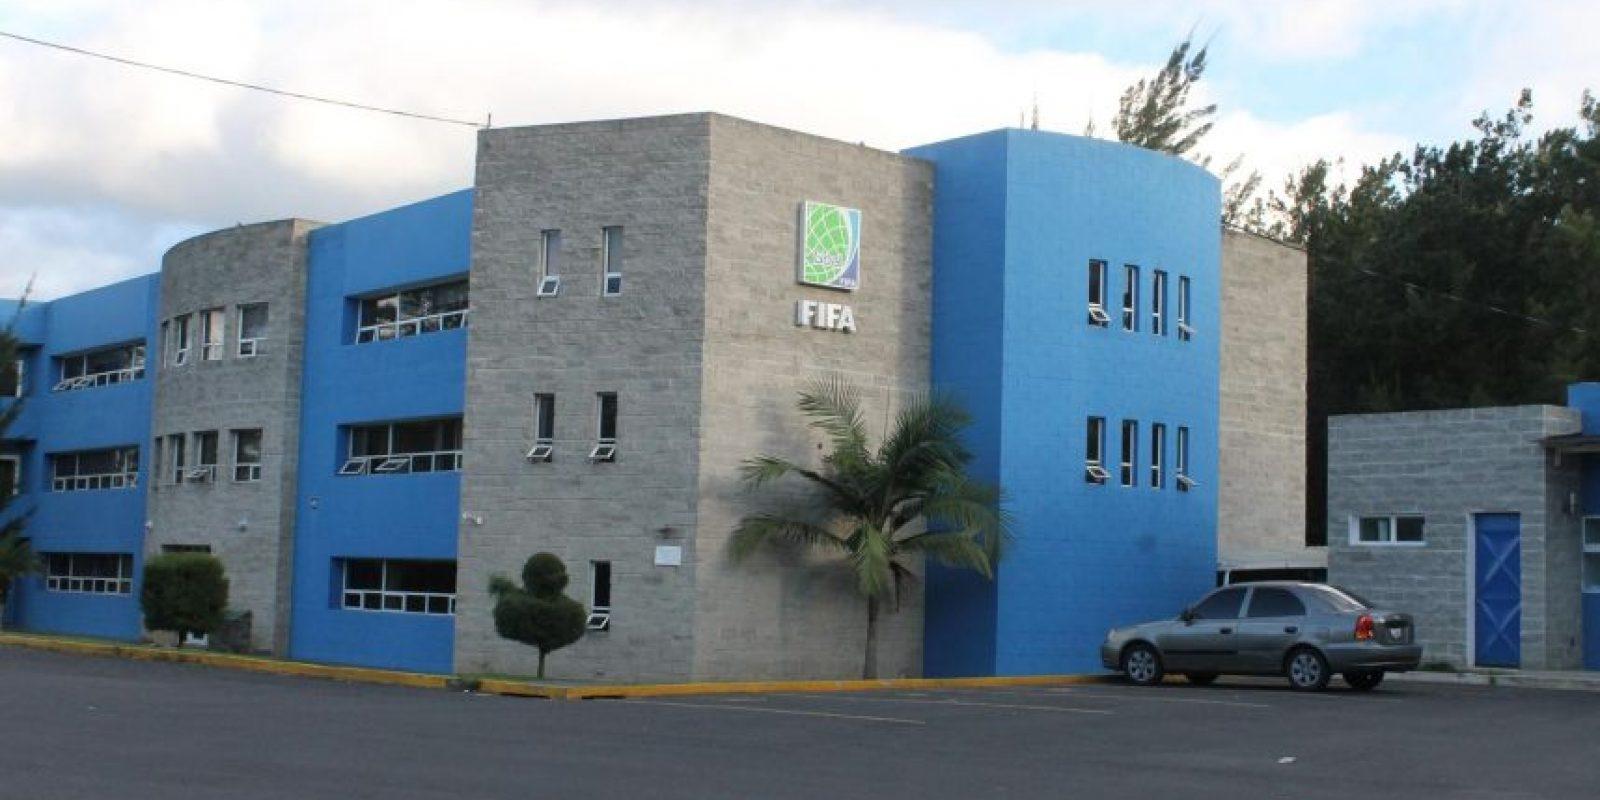 Las instalaciones de la Fedefut en zona 15. Foto:Publinews